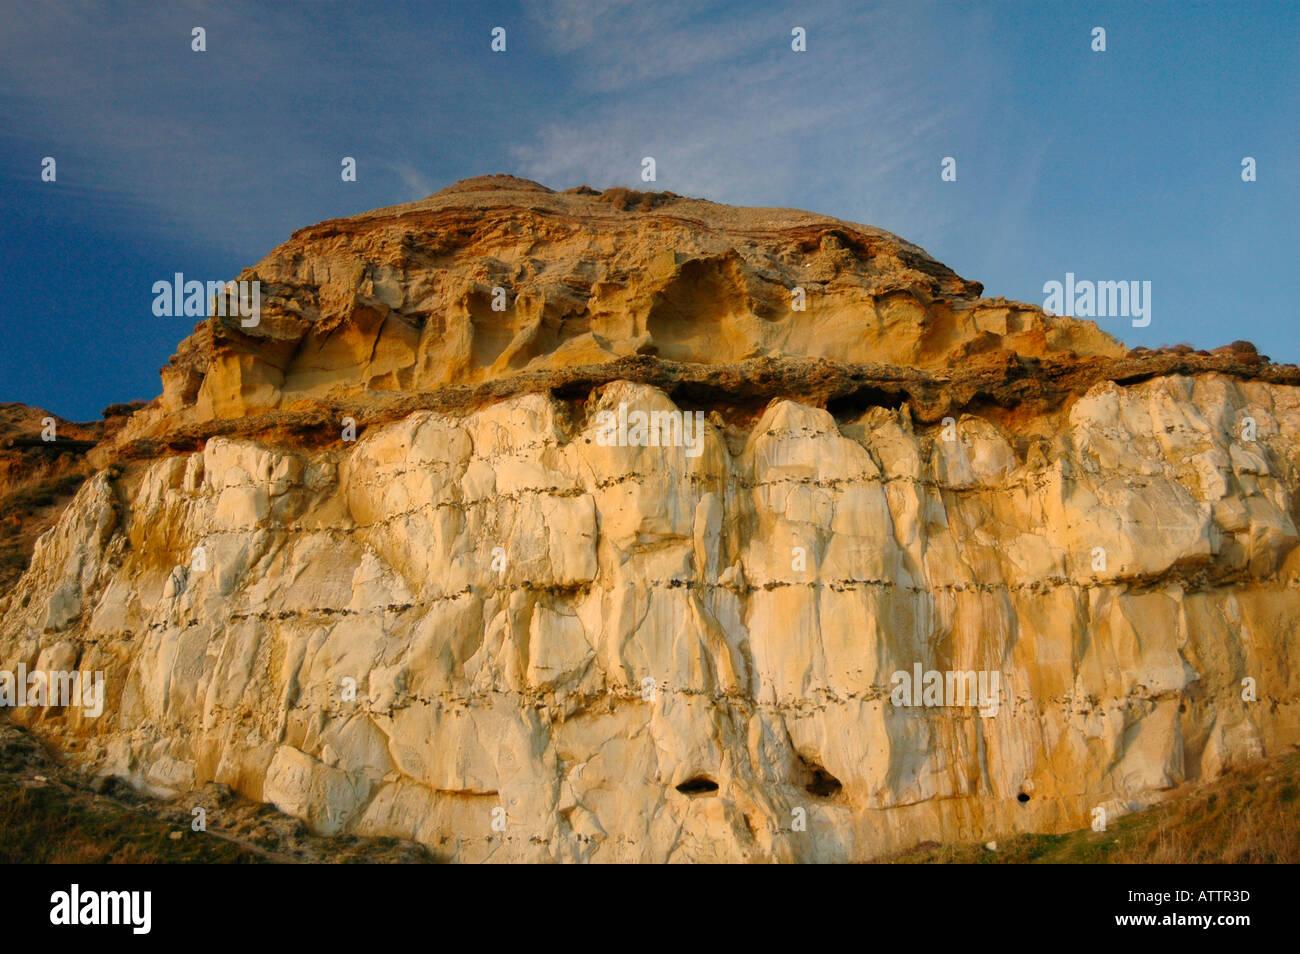 Terciaria de areniscas y arcillas del Cretácico Superior en rocas calcáreas. Imagen De Stock